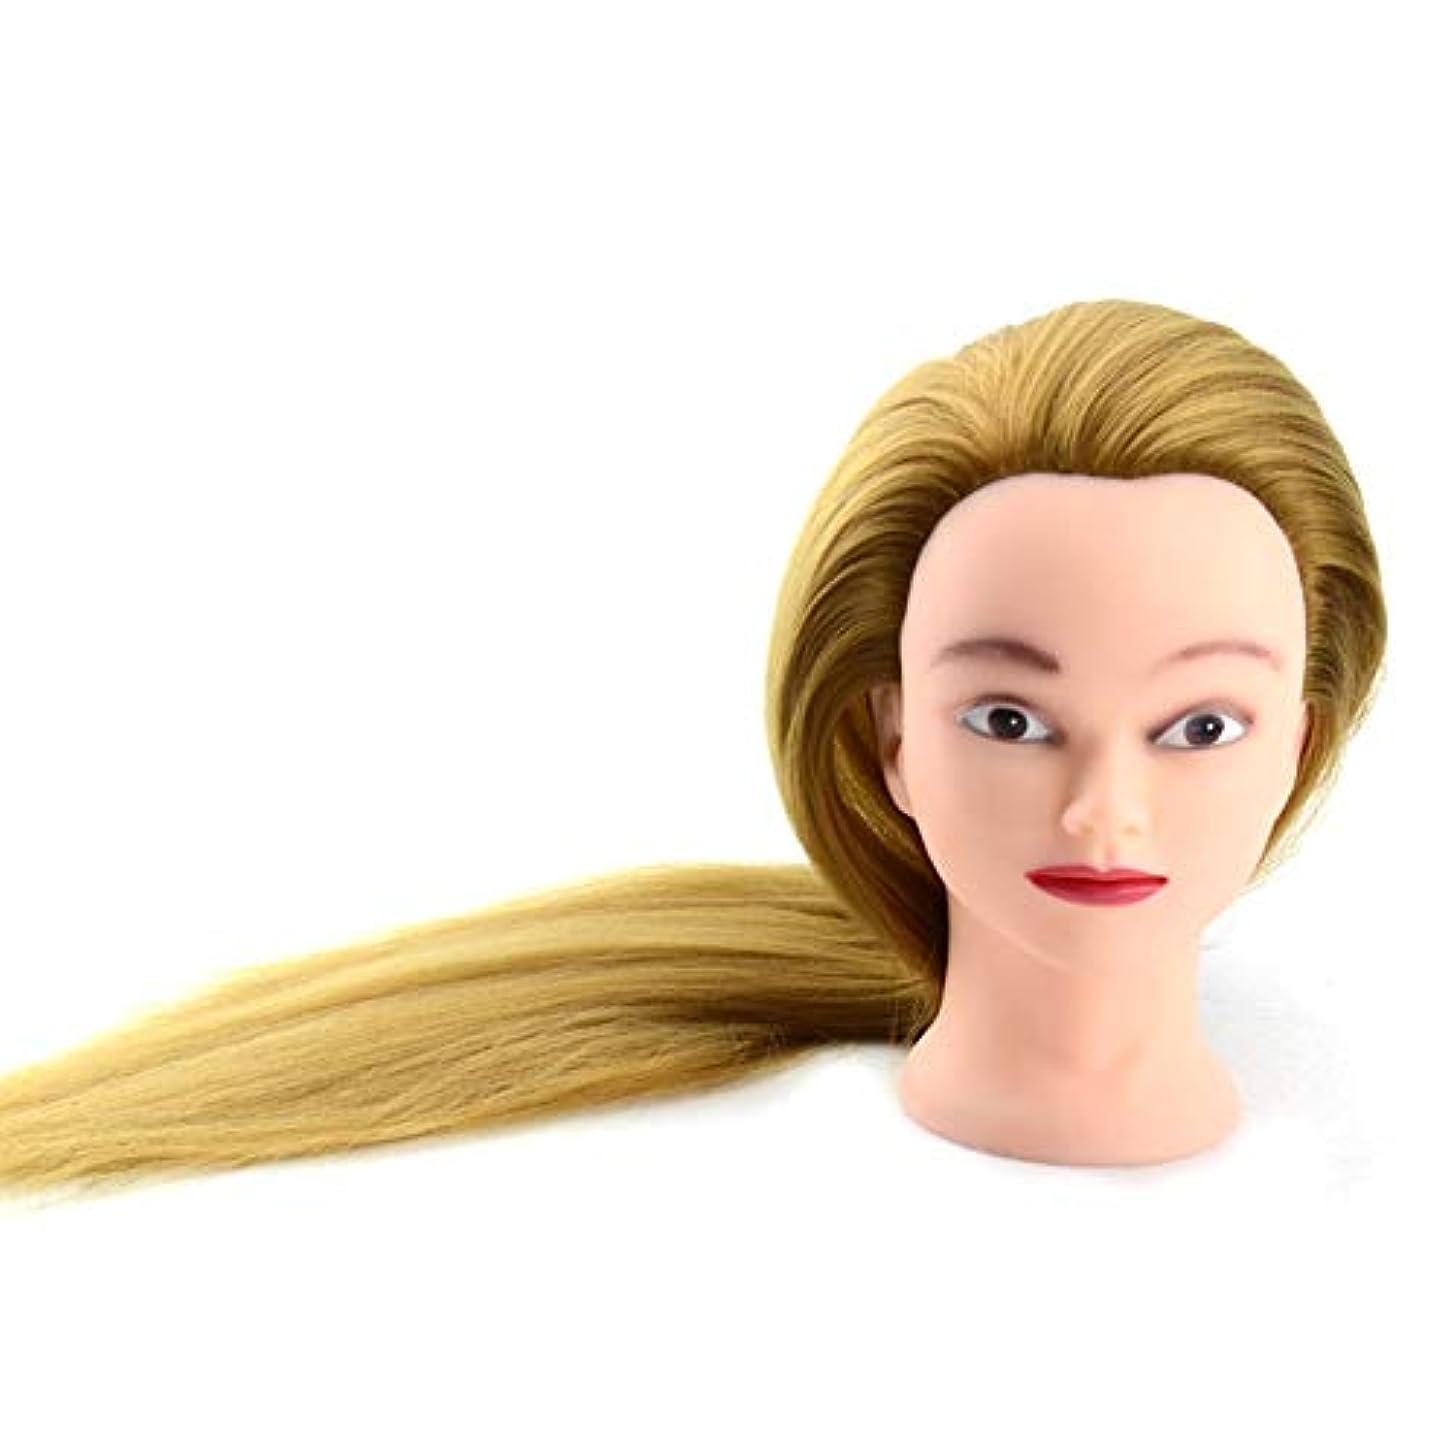 偶然のアクロバット蓋化学繊維ウィッグヘッドモデル花嫁メイクスタイリング練習ダミーヘッドサロントリミング学習マネキンヘッド